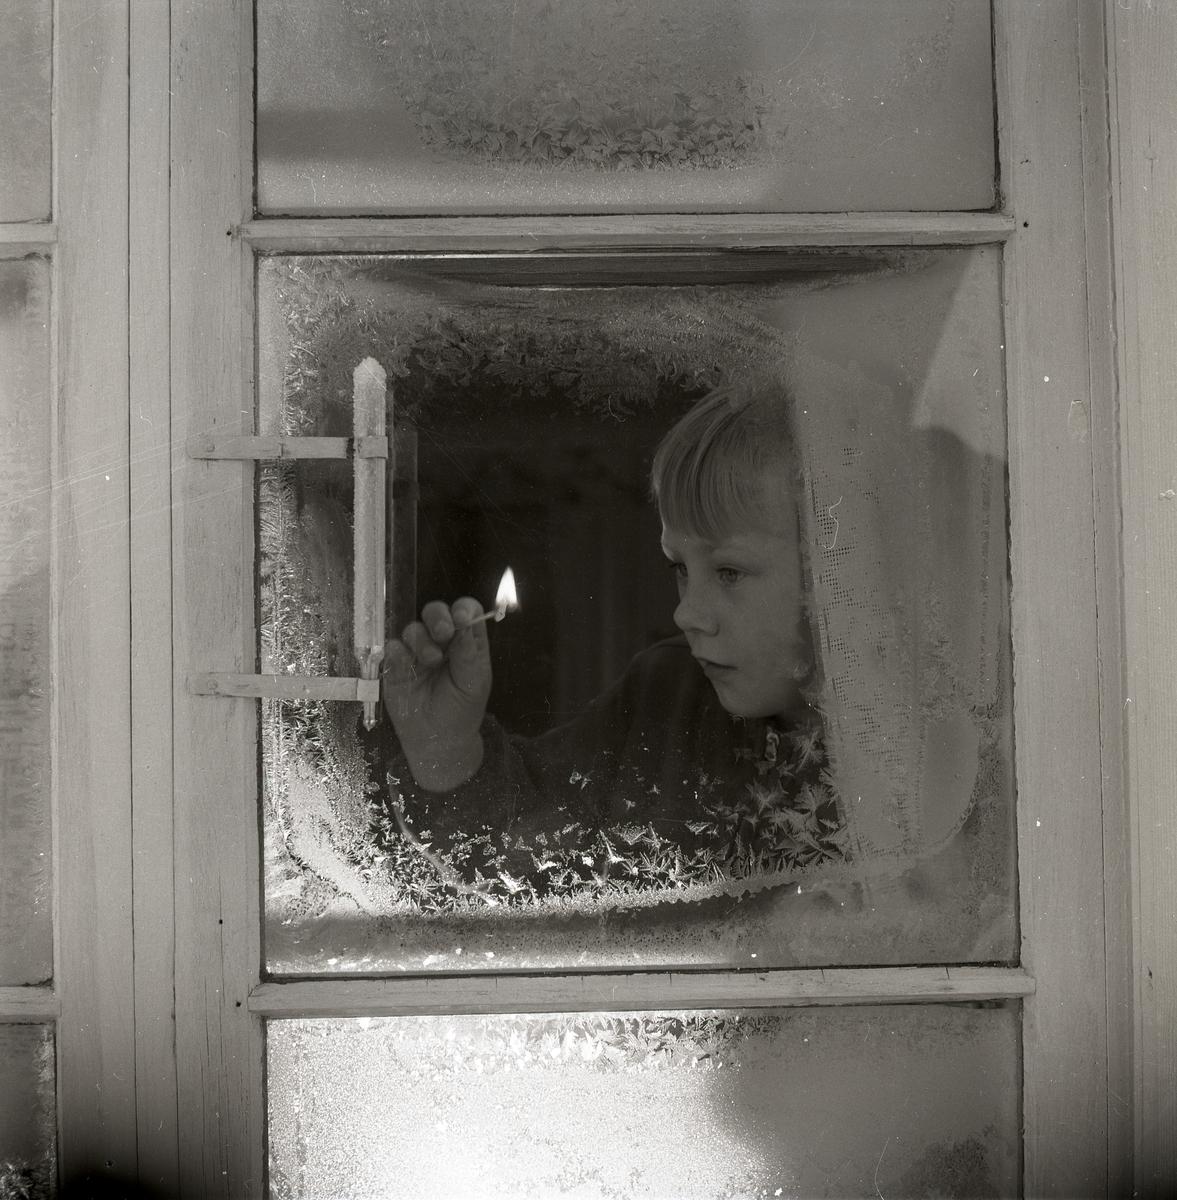 Innanför ett fönster tänder en pojke en tändsticka, för att bättre kunna se på utetermometern hur många grader det är. Fönstret är täckt med rimfrost, 4 januari 1953.